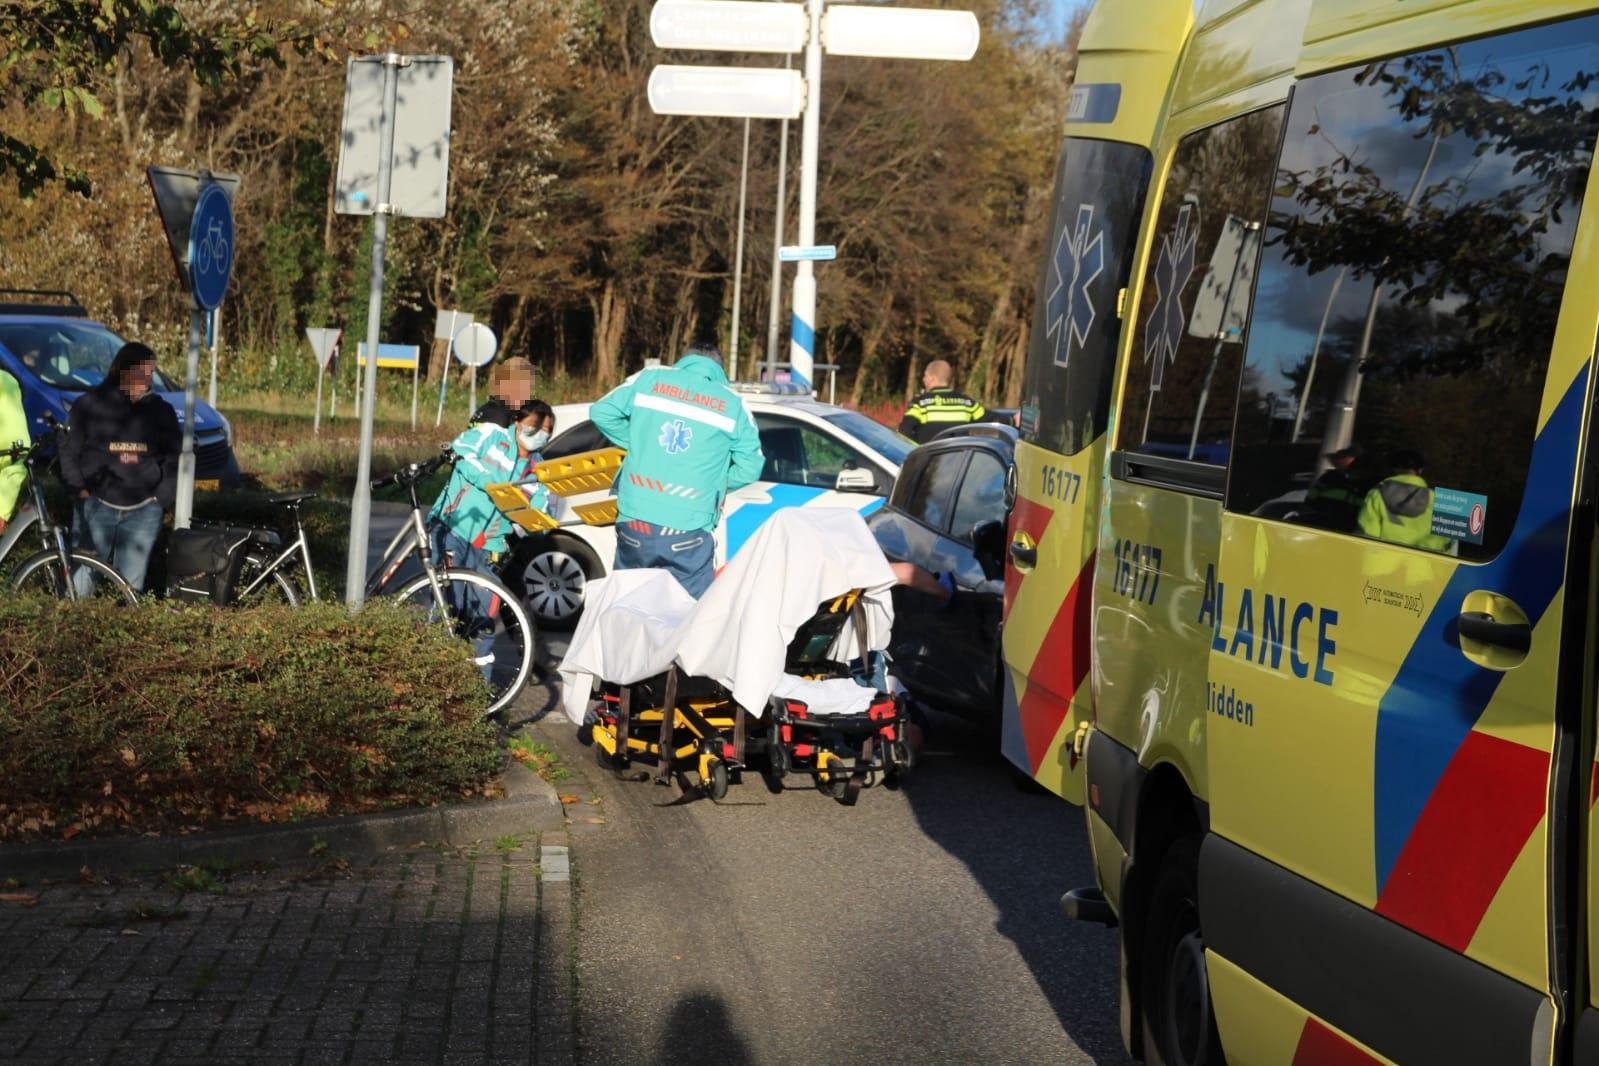 Fietser gewond bij aanrijding in Katwijk; verkeer wordt omgeleid